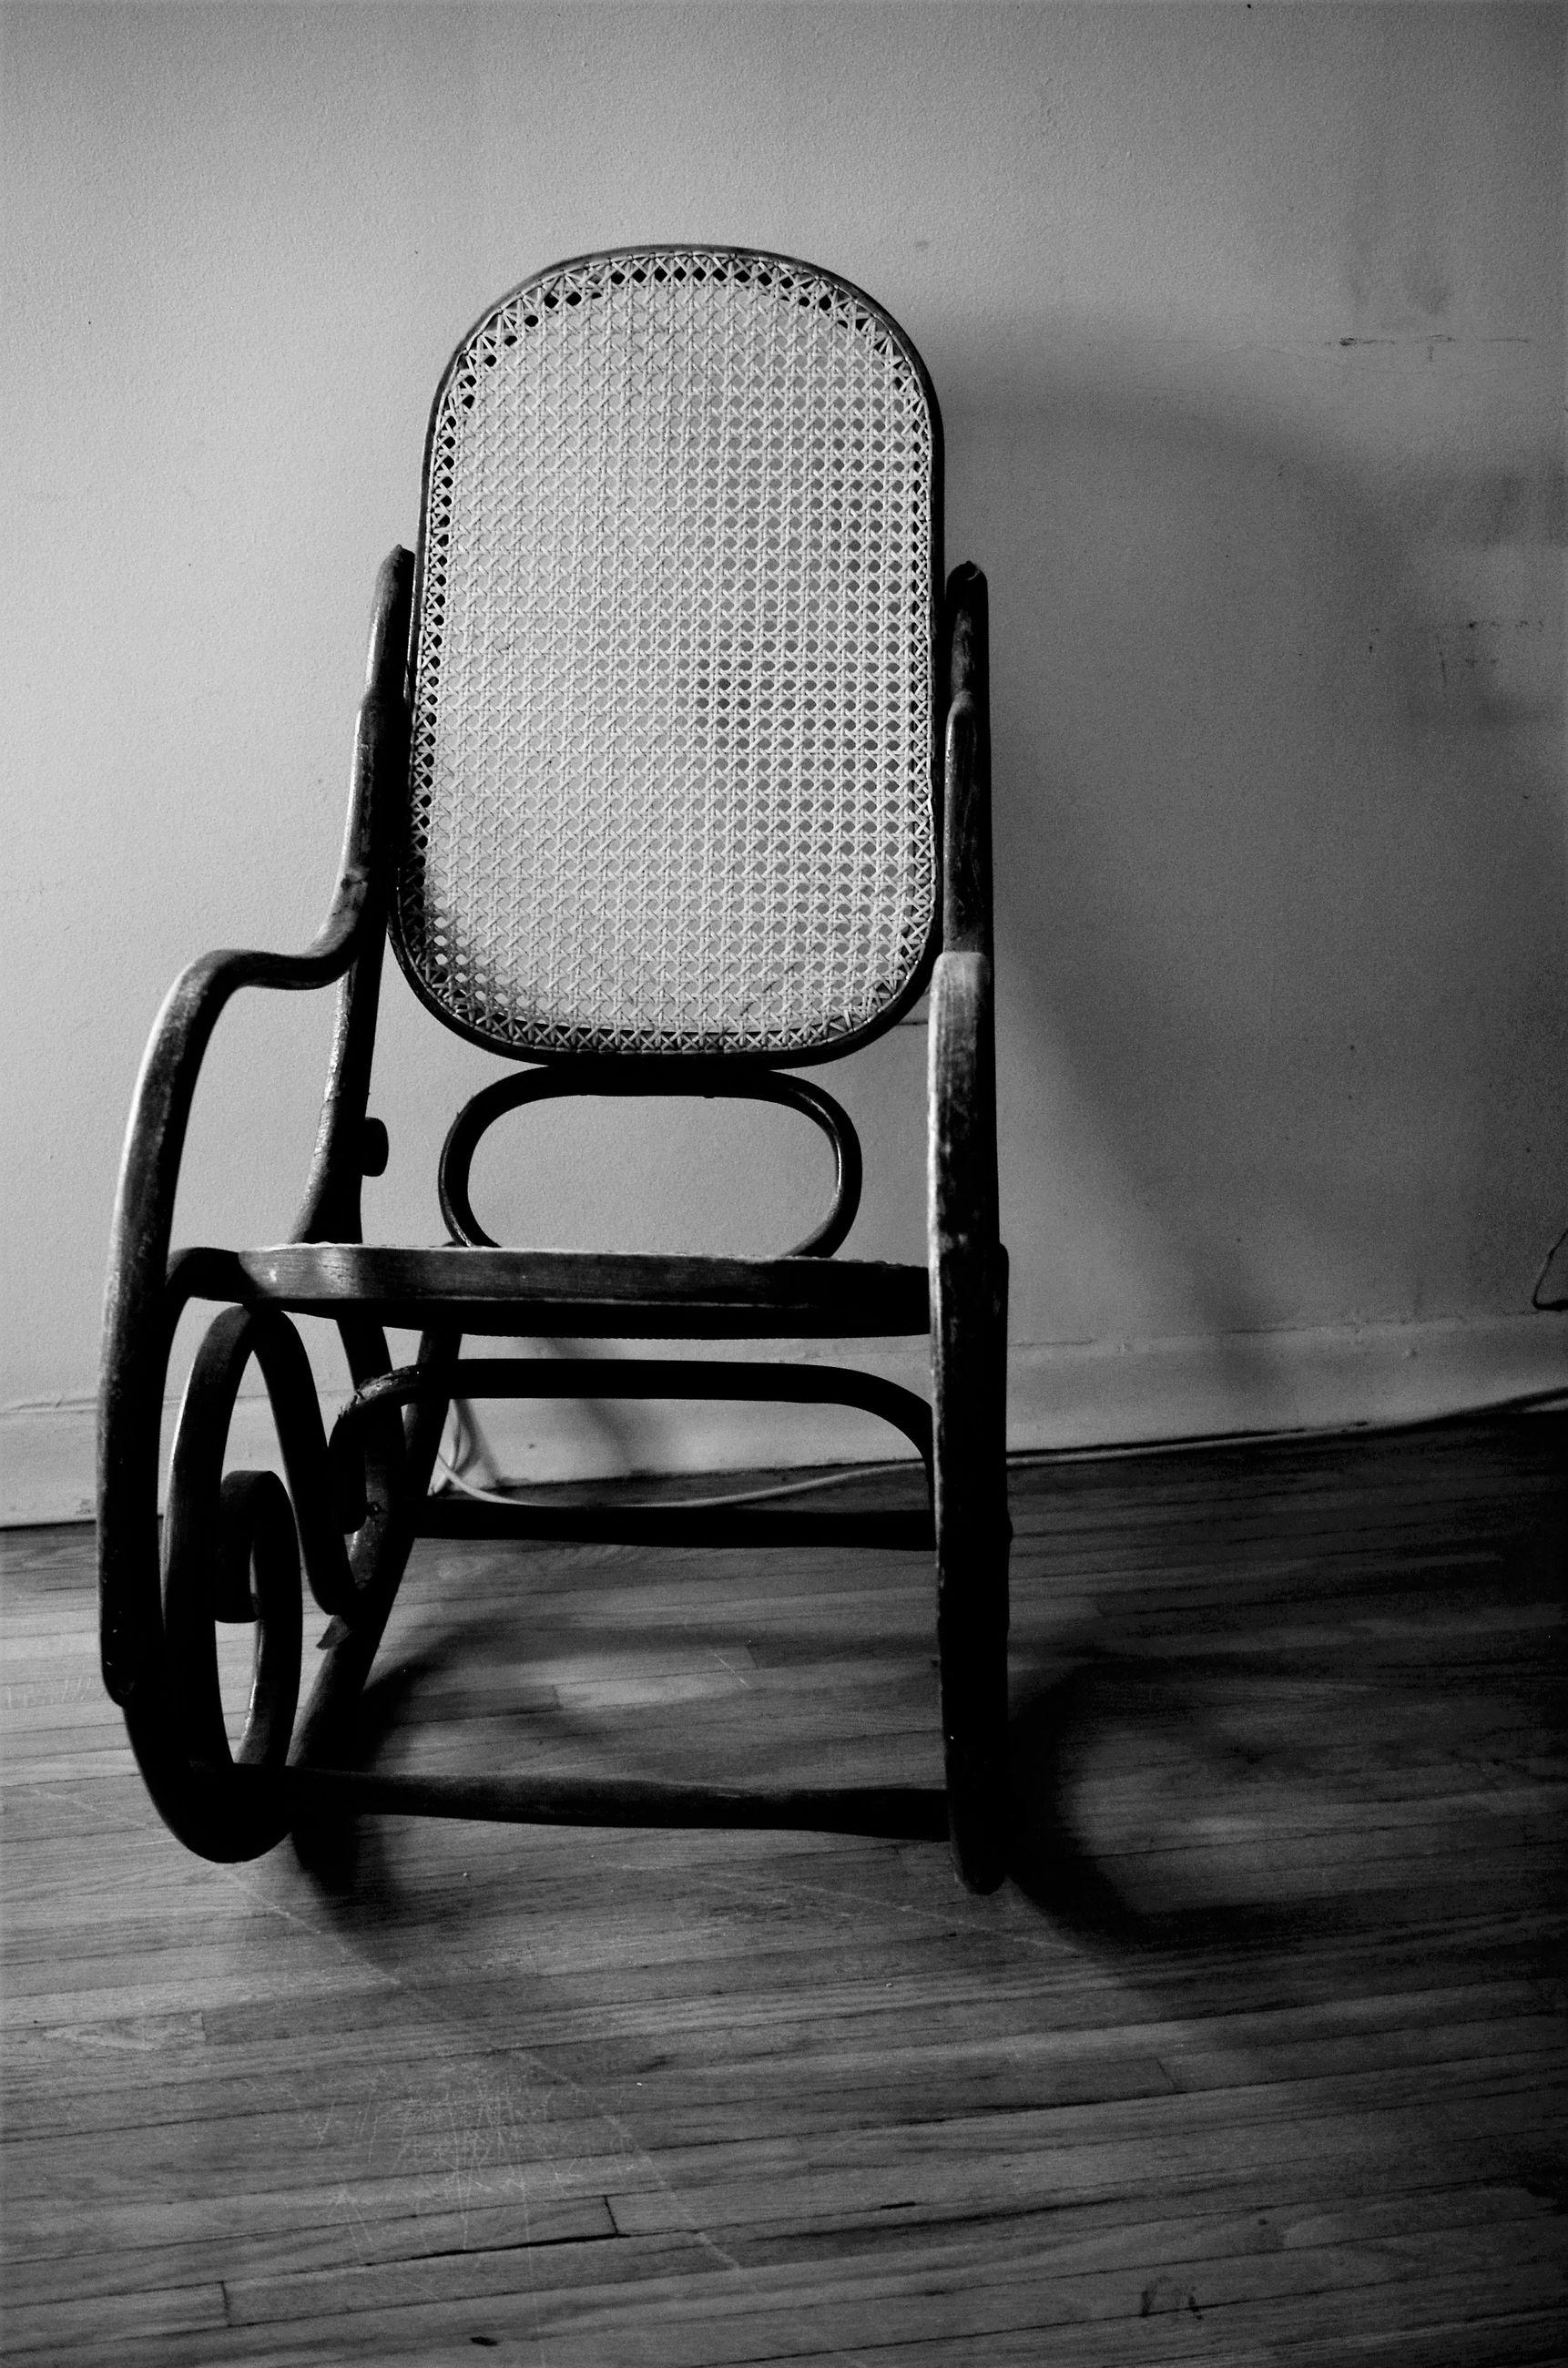 Chair on floor against wall